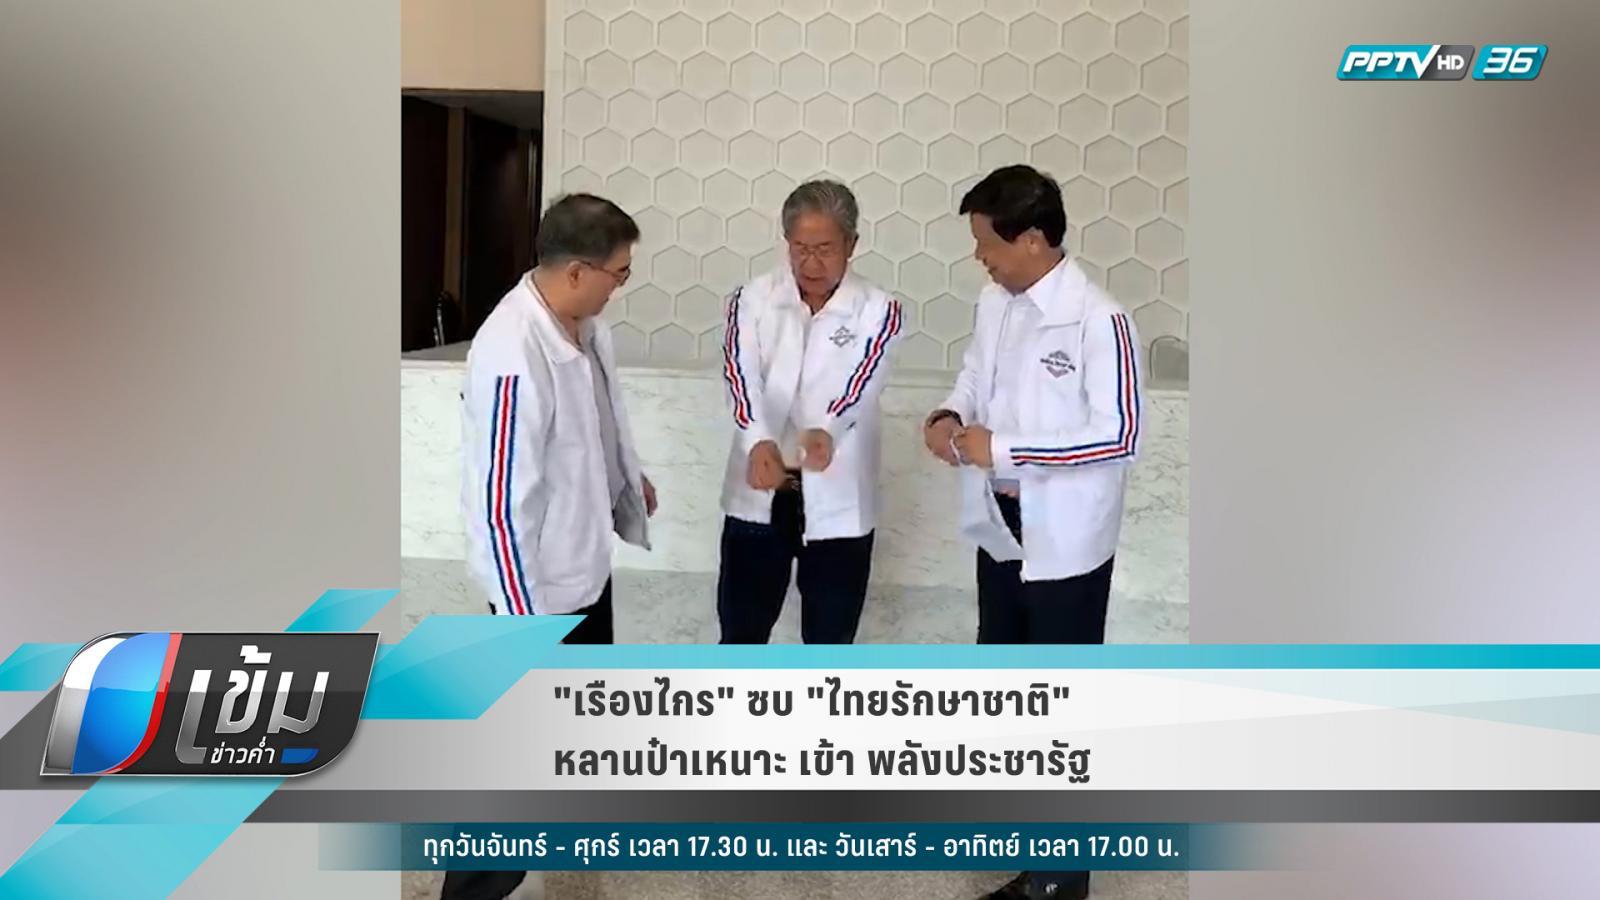 """""""เรืองไกร"""" ทิ้งเพื่อไทย ซบ ไทยรักษาชาติ – """"หลานเสนาะ"""" เตรียมเข้าพลังประชารัฐ"""